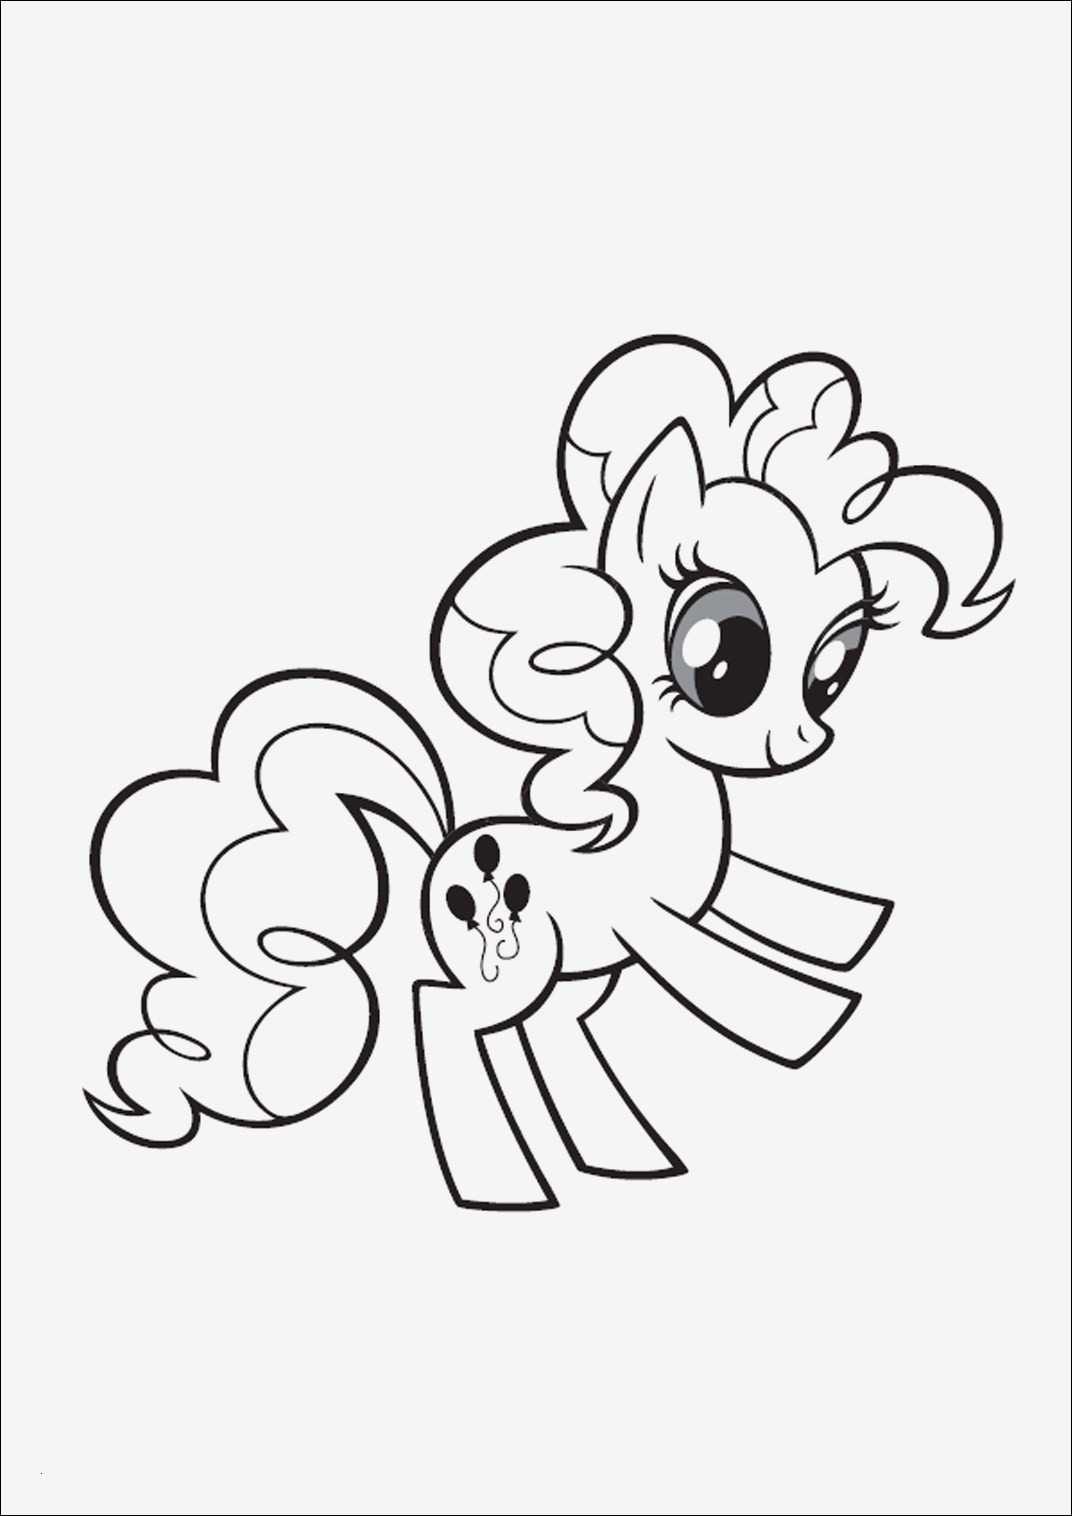 My Little Pony Ausmalbilder Kostenlos Genial My Little Pony Ausmalbilder Kostenlos Zum Drucken Galerie Sammlung